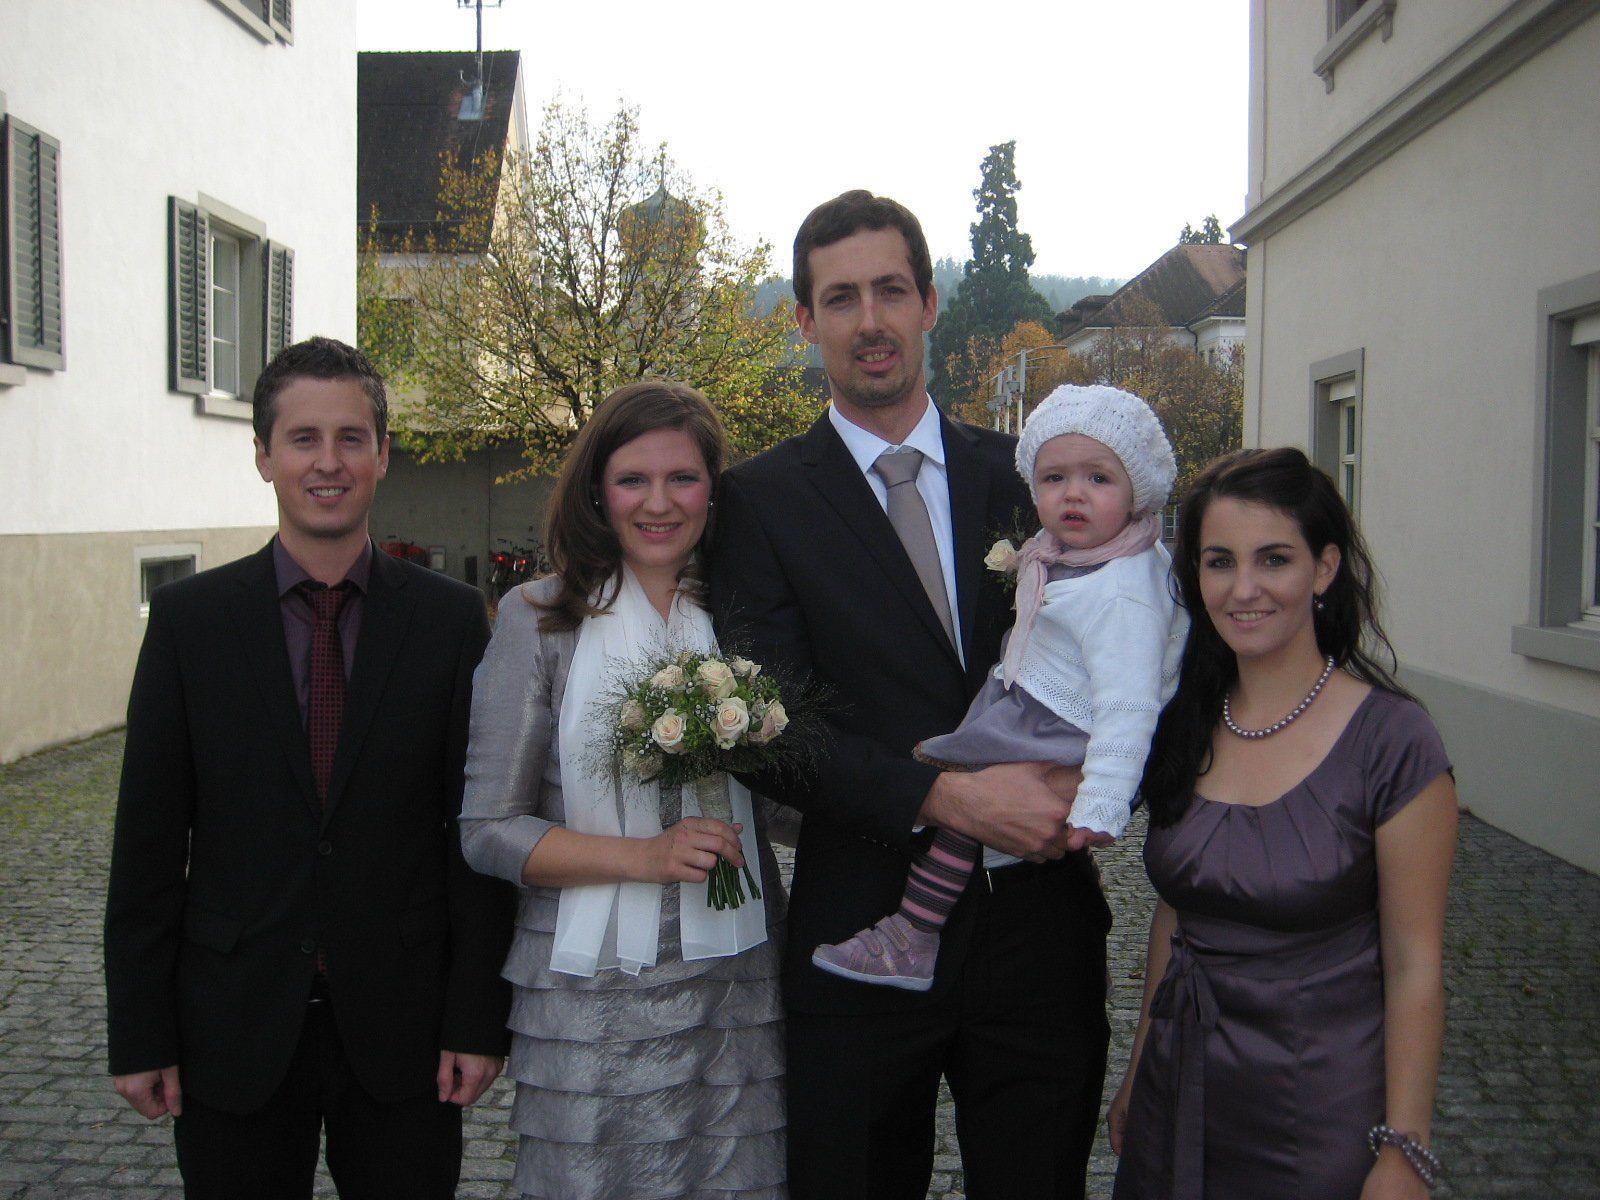 Tamara Edlinger und Jürgen Hörtnagl haben geheiratet.